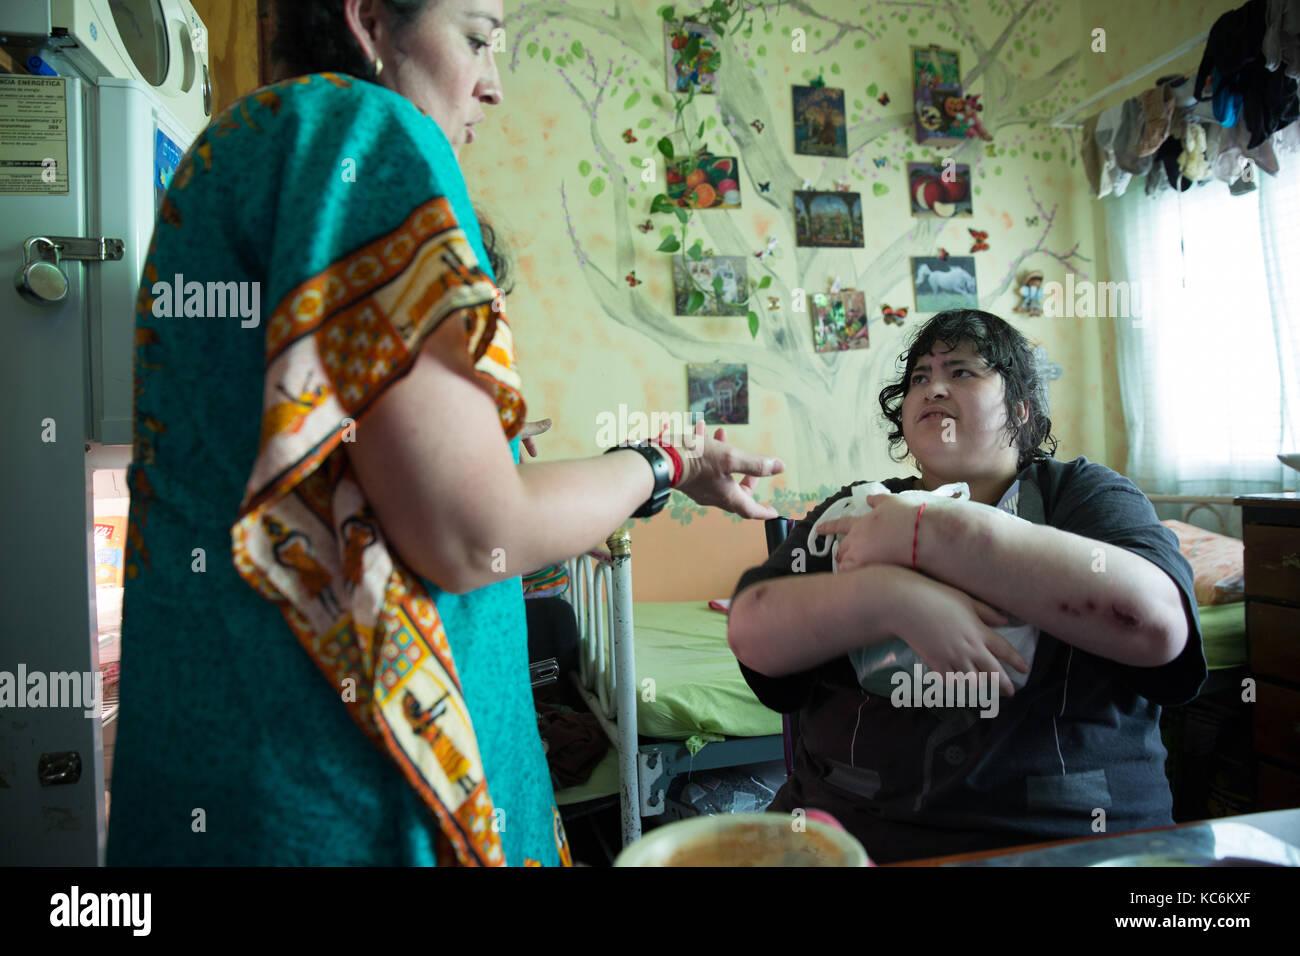 Kühlschrank Verriegelung : Citlalli erhält umgekippt und kupplungen einen topf mit popcorn